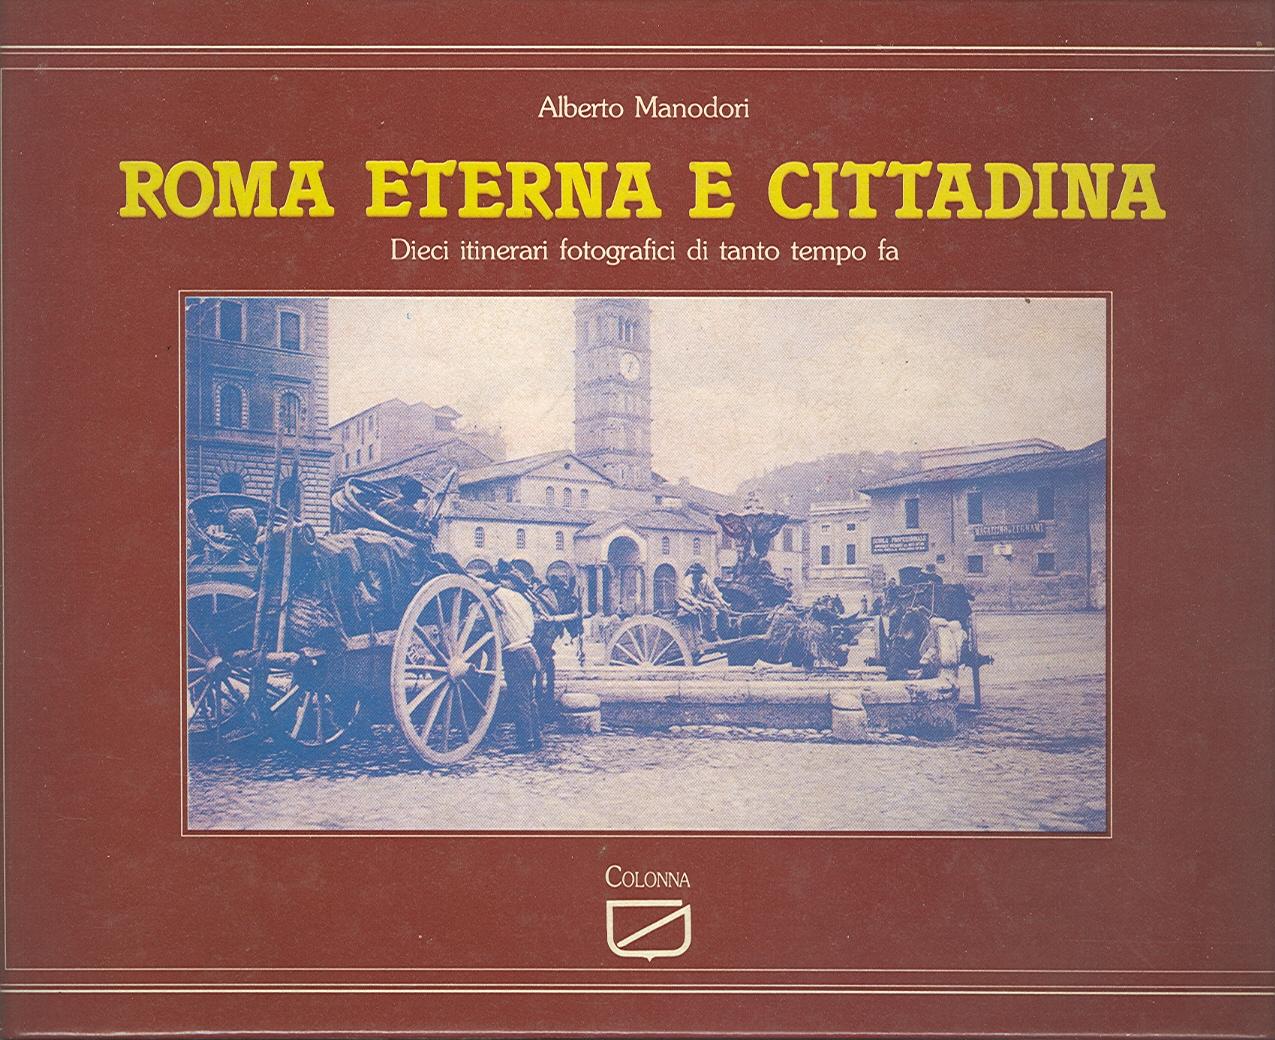 Roma eterna e cittadina